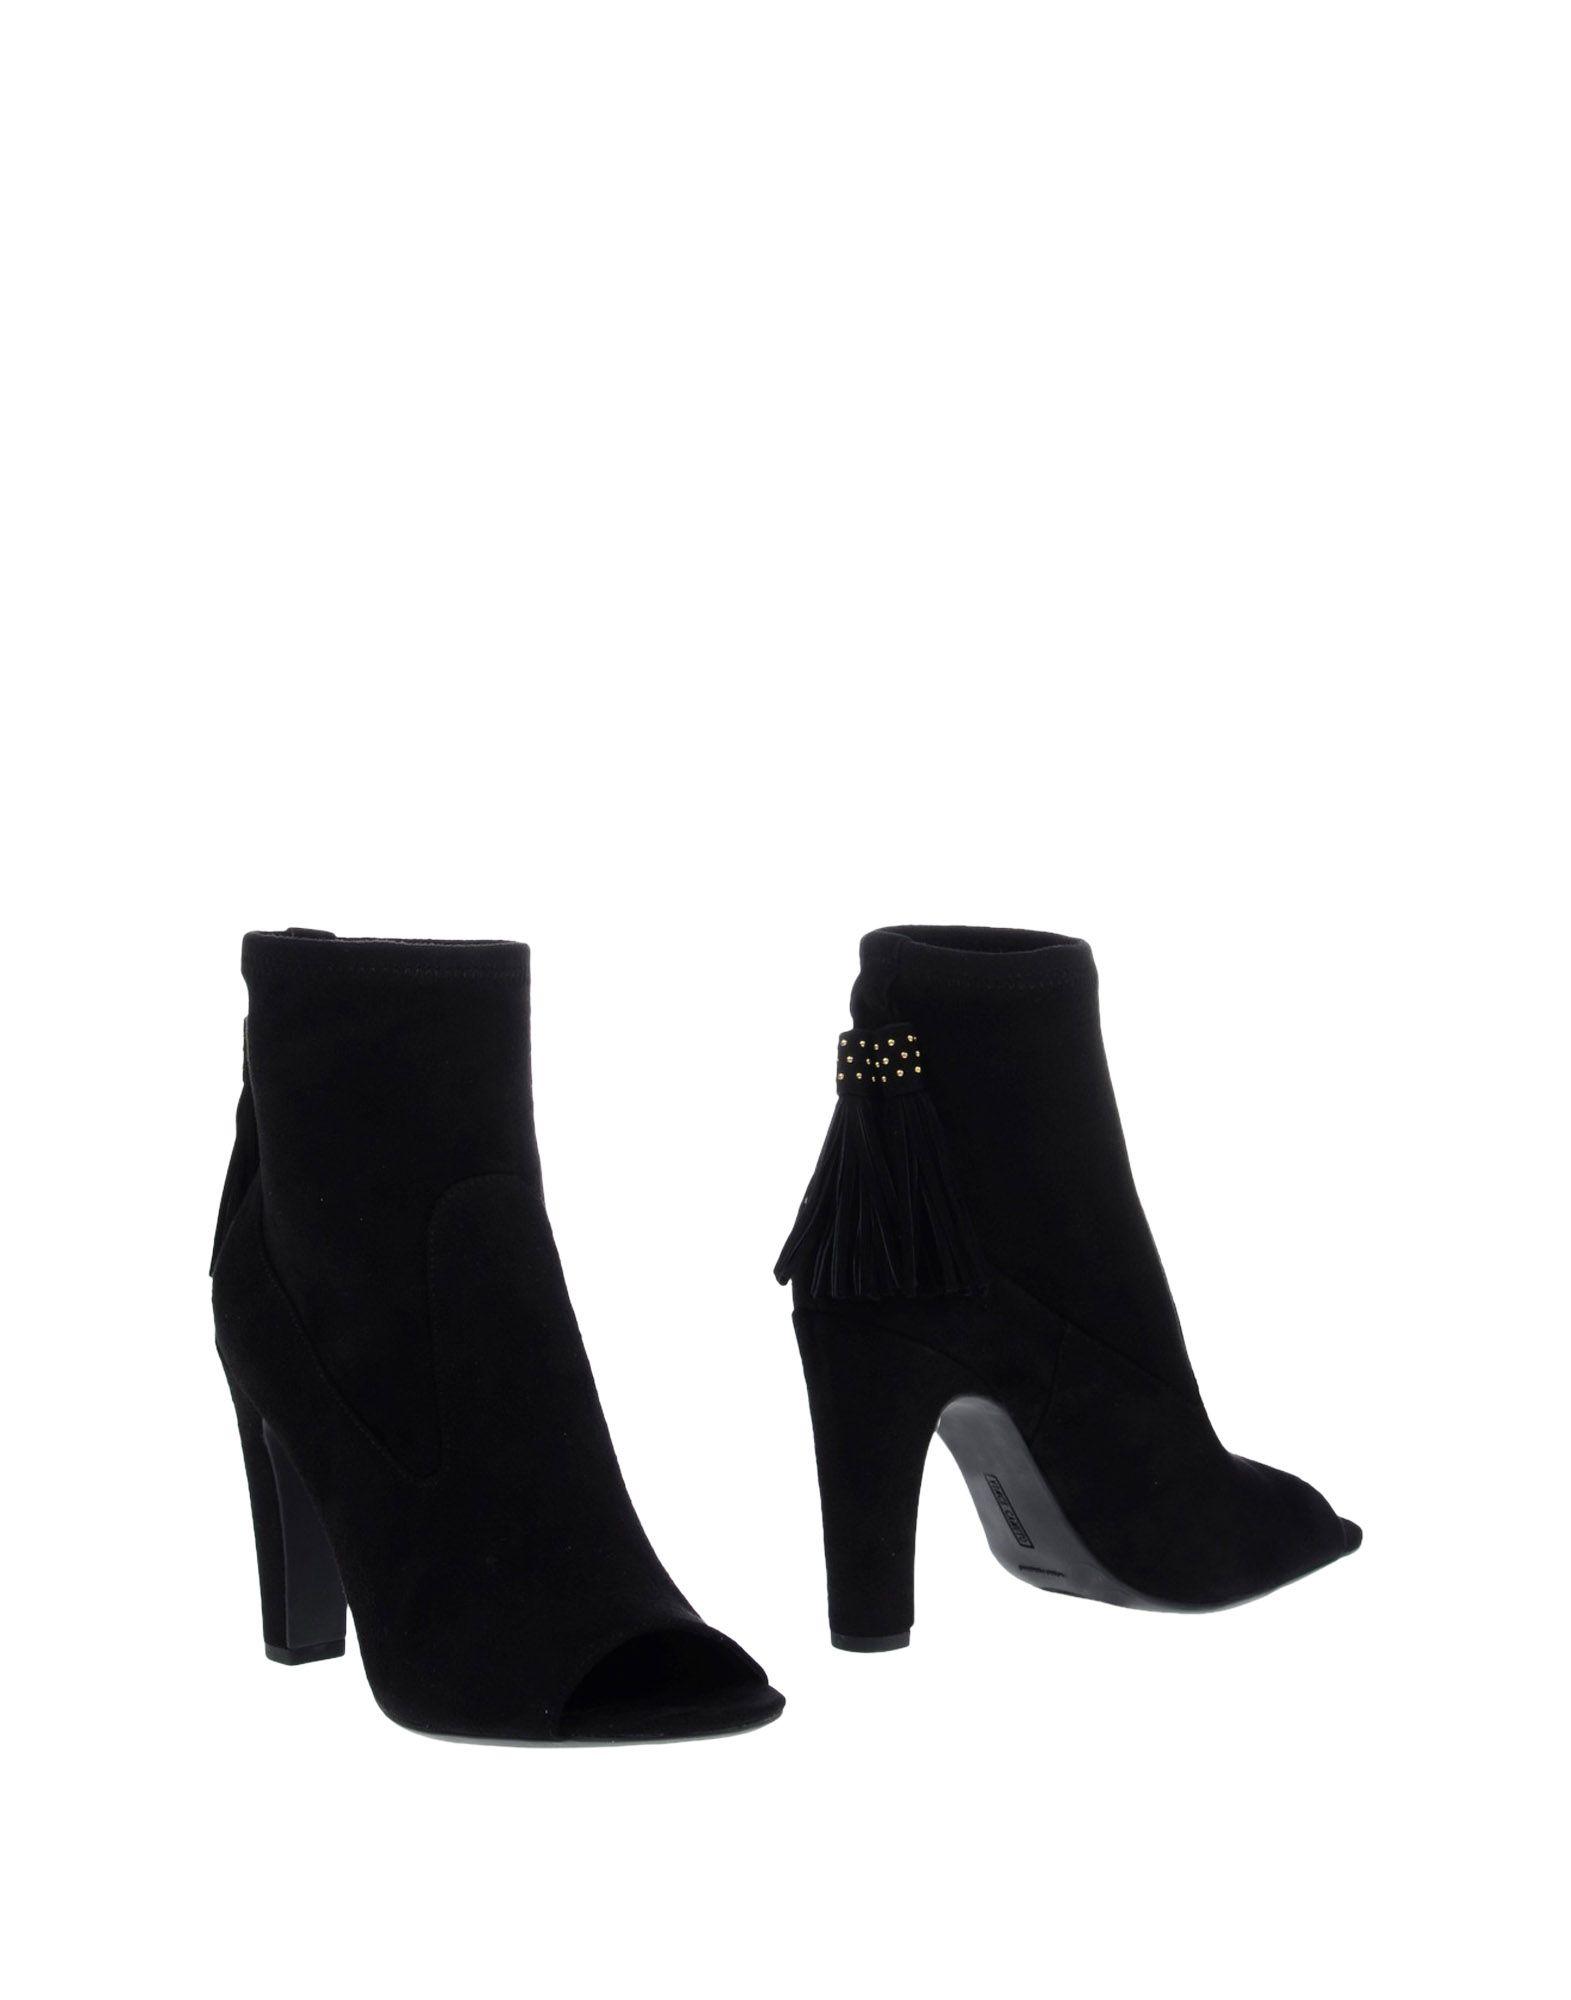 Vince Camuto Stiefelette Damen  11253440KT Gute Qualität beliebte Schuhe